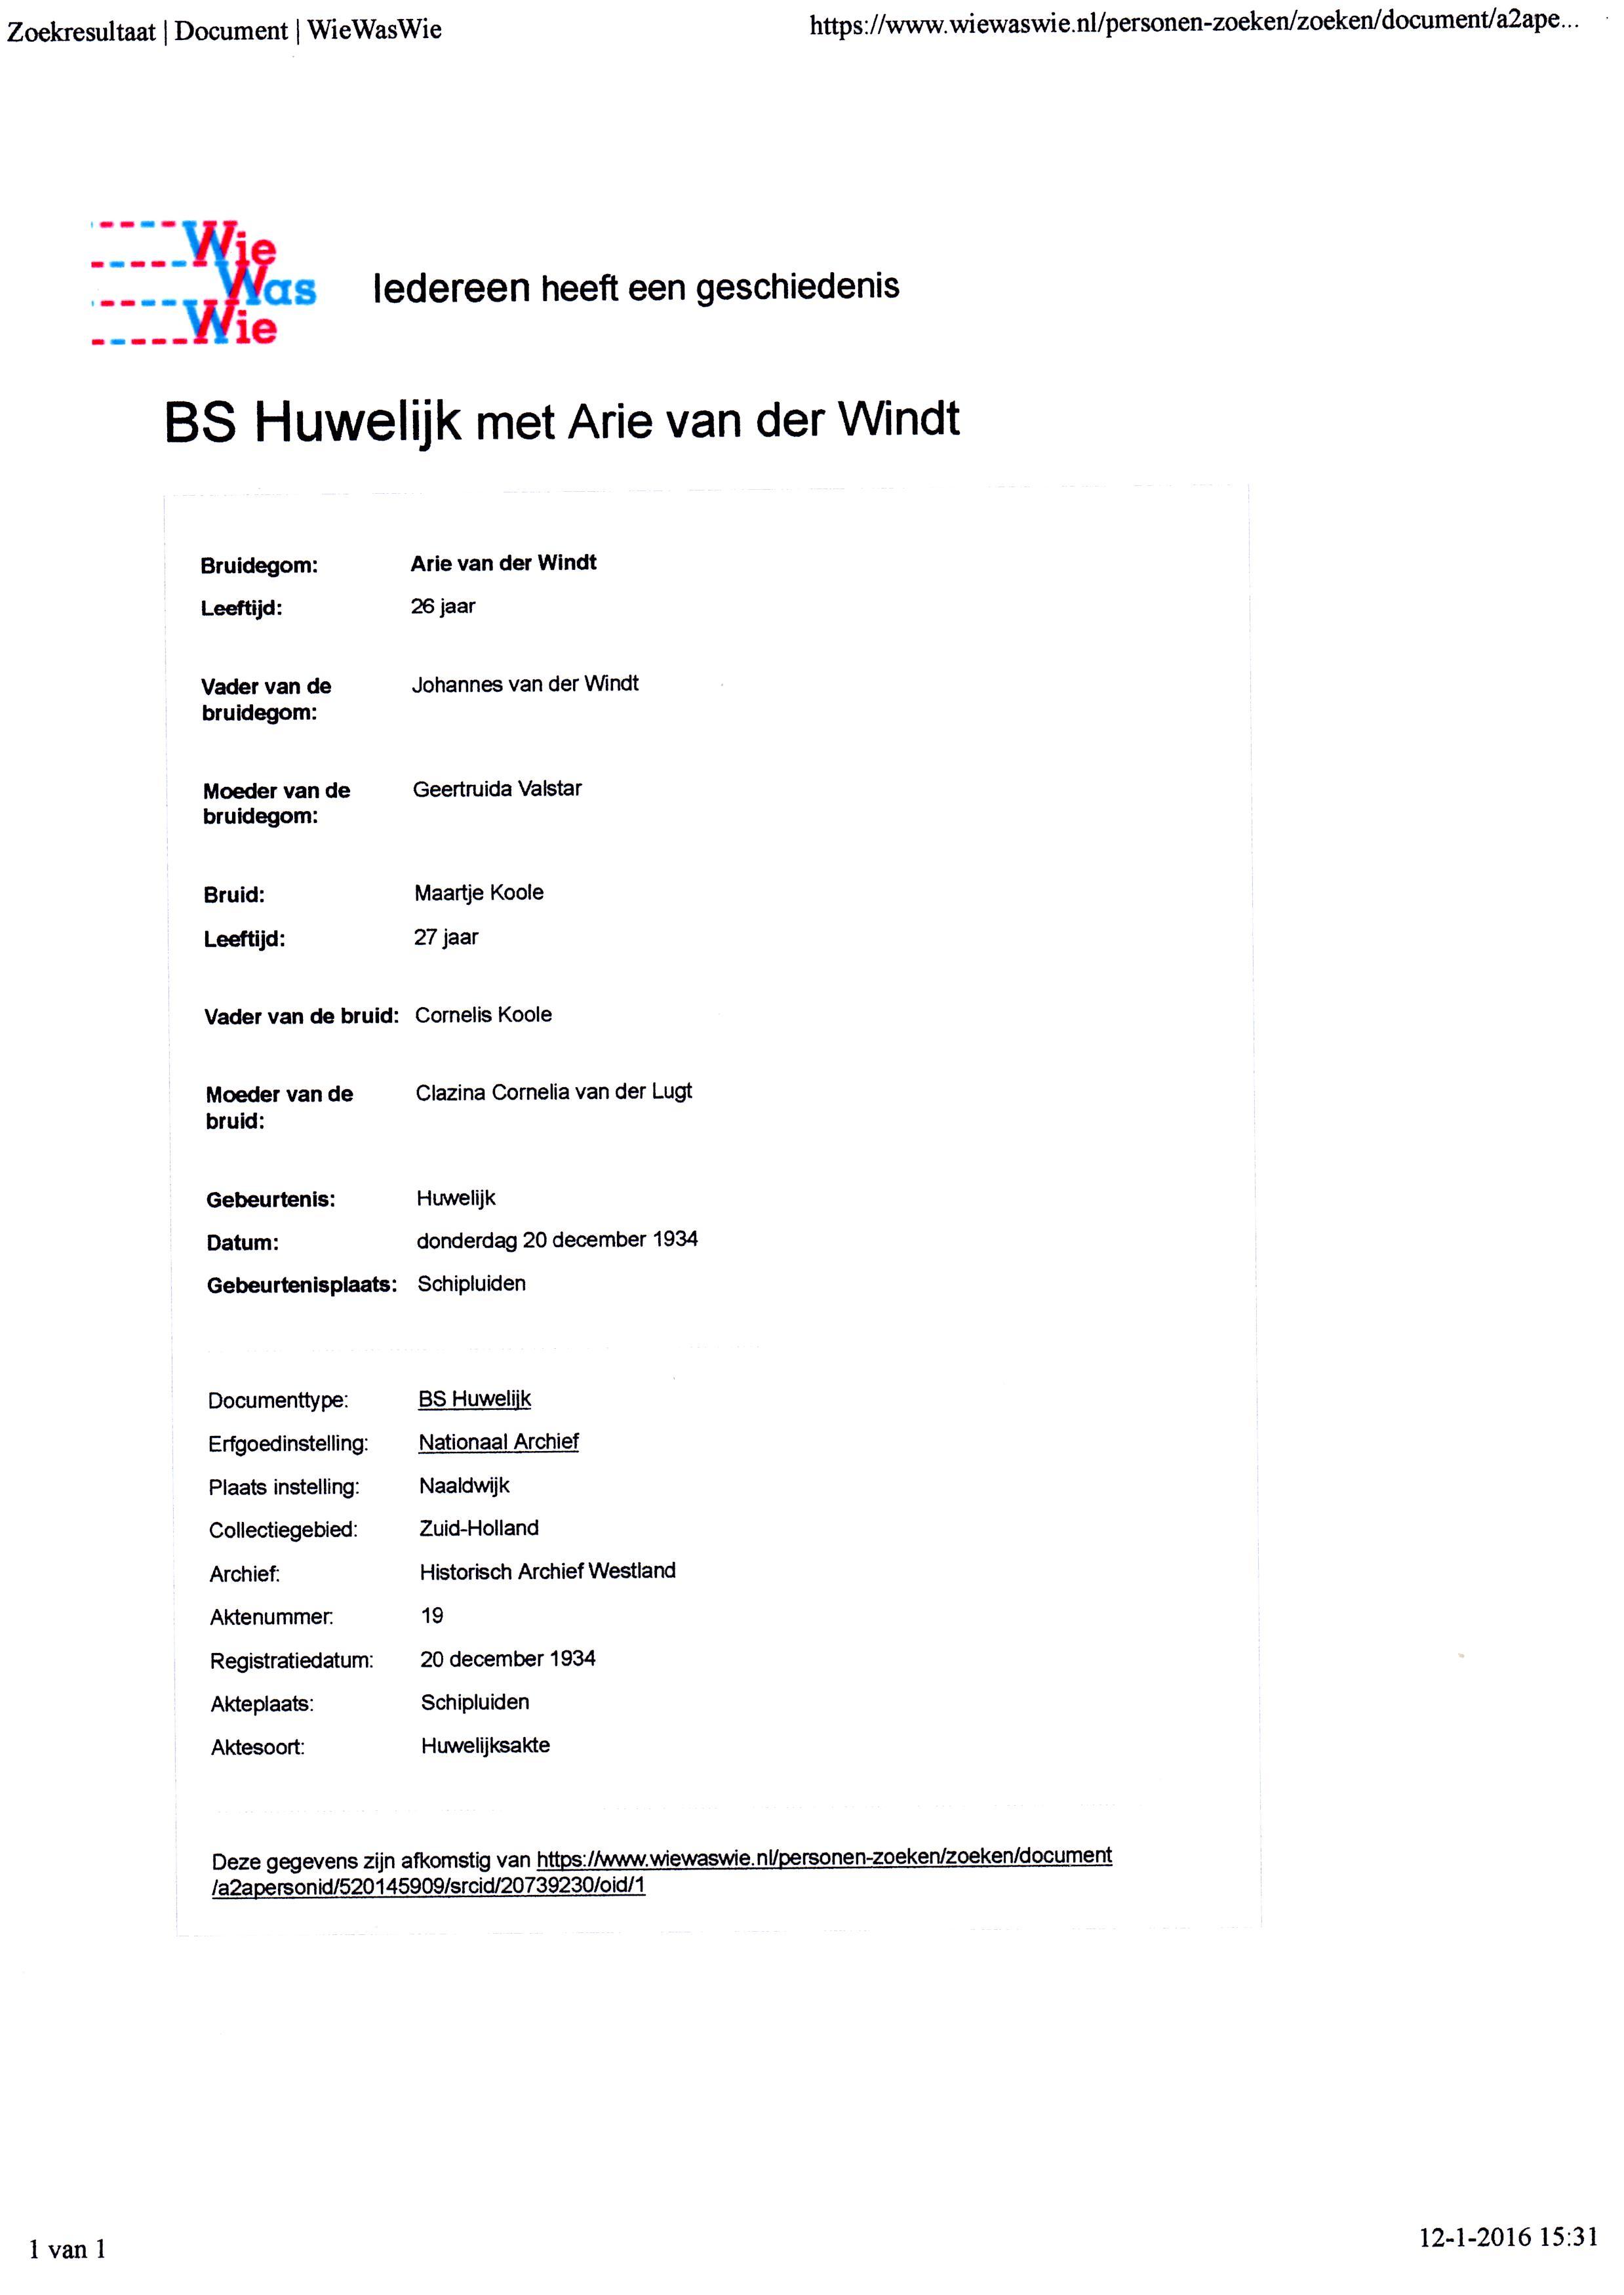 1934-12-20 Huwelijk tussen Arie van der Windt en Maartje Koole